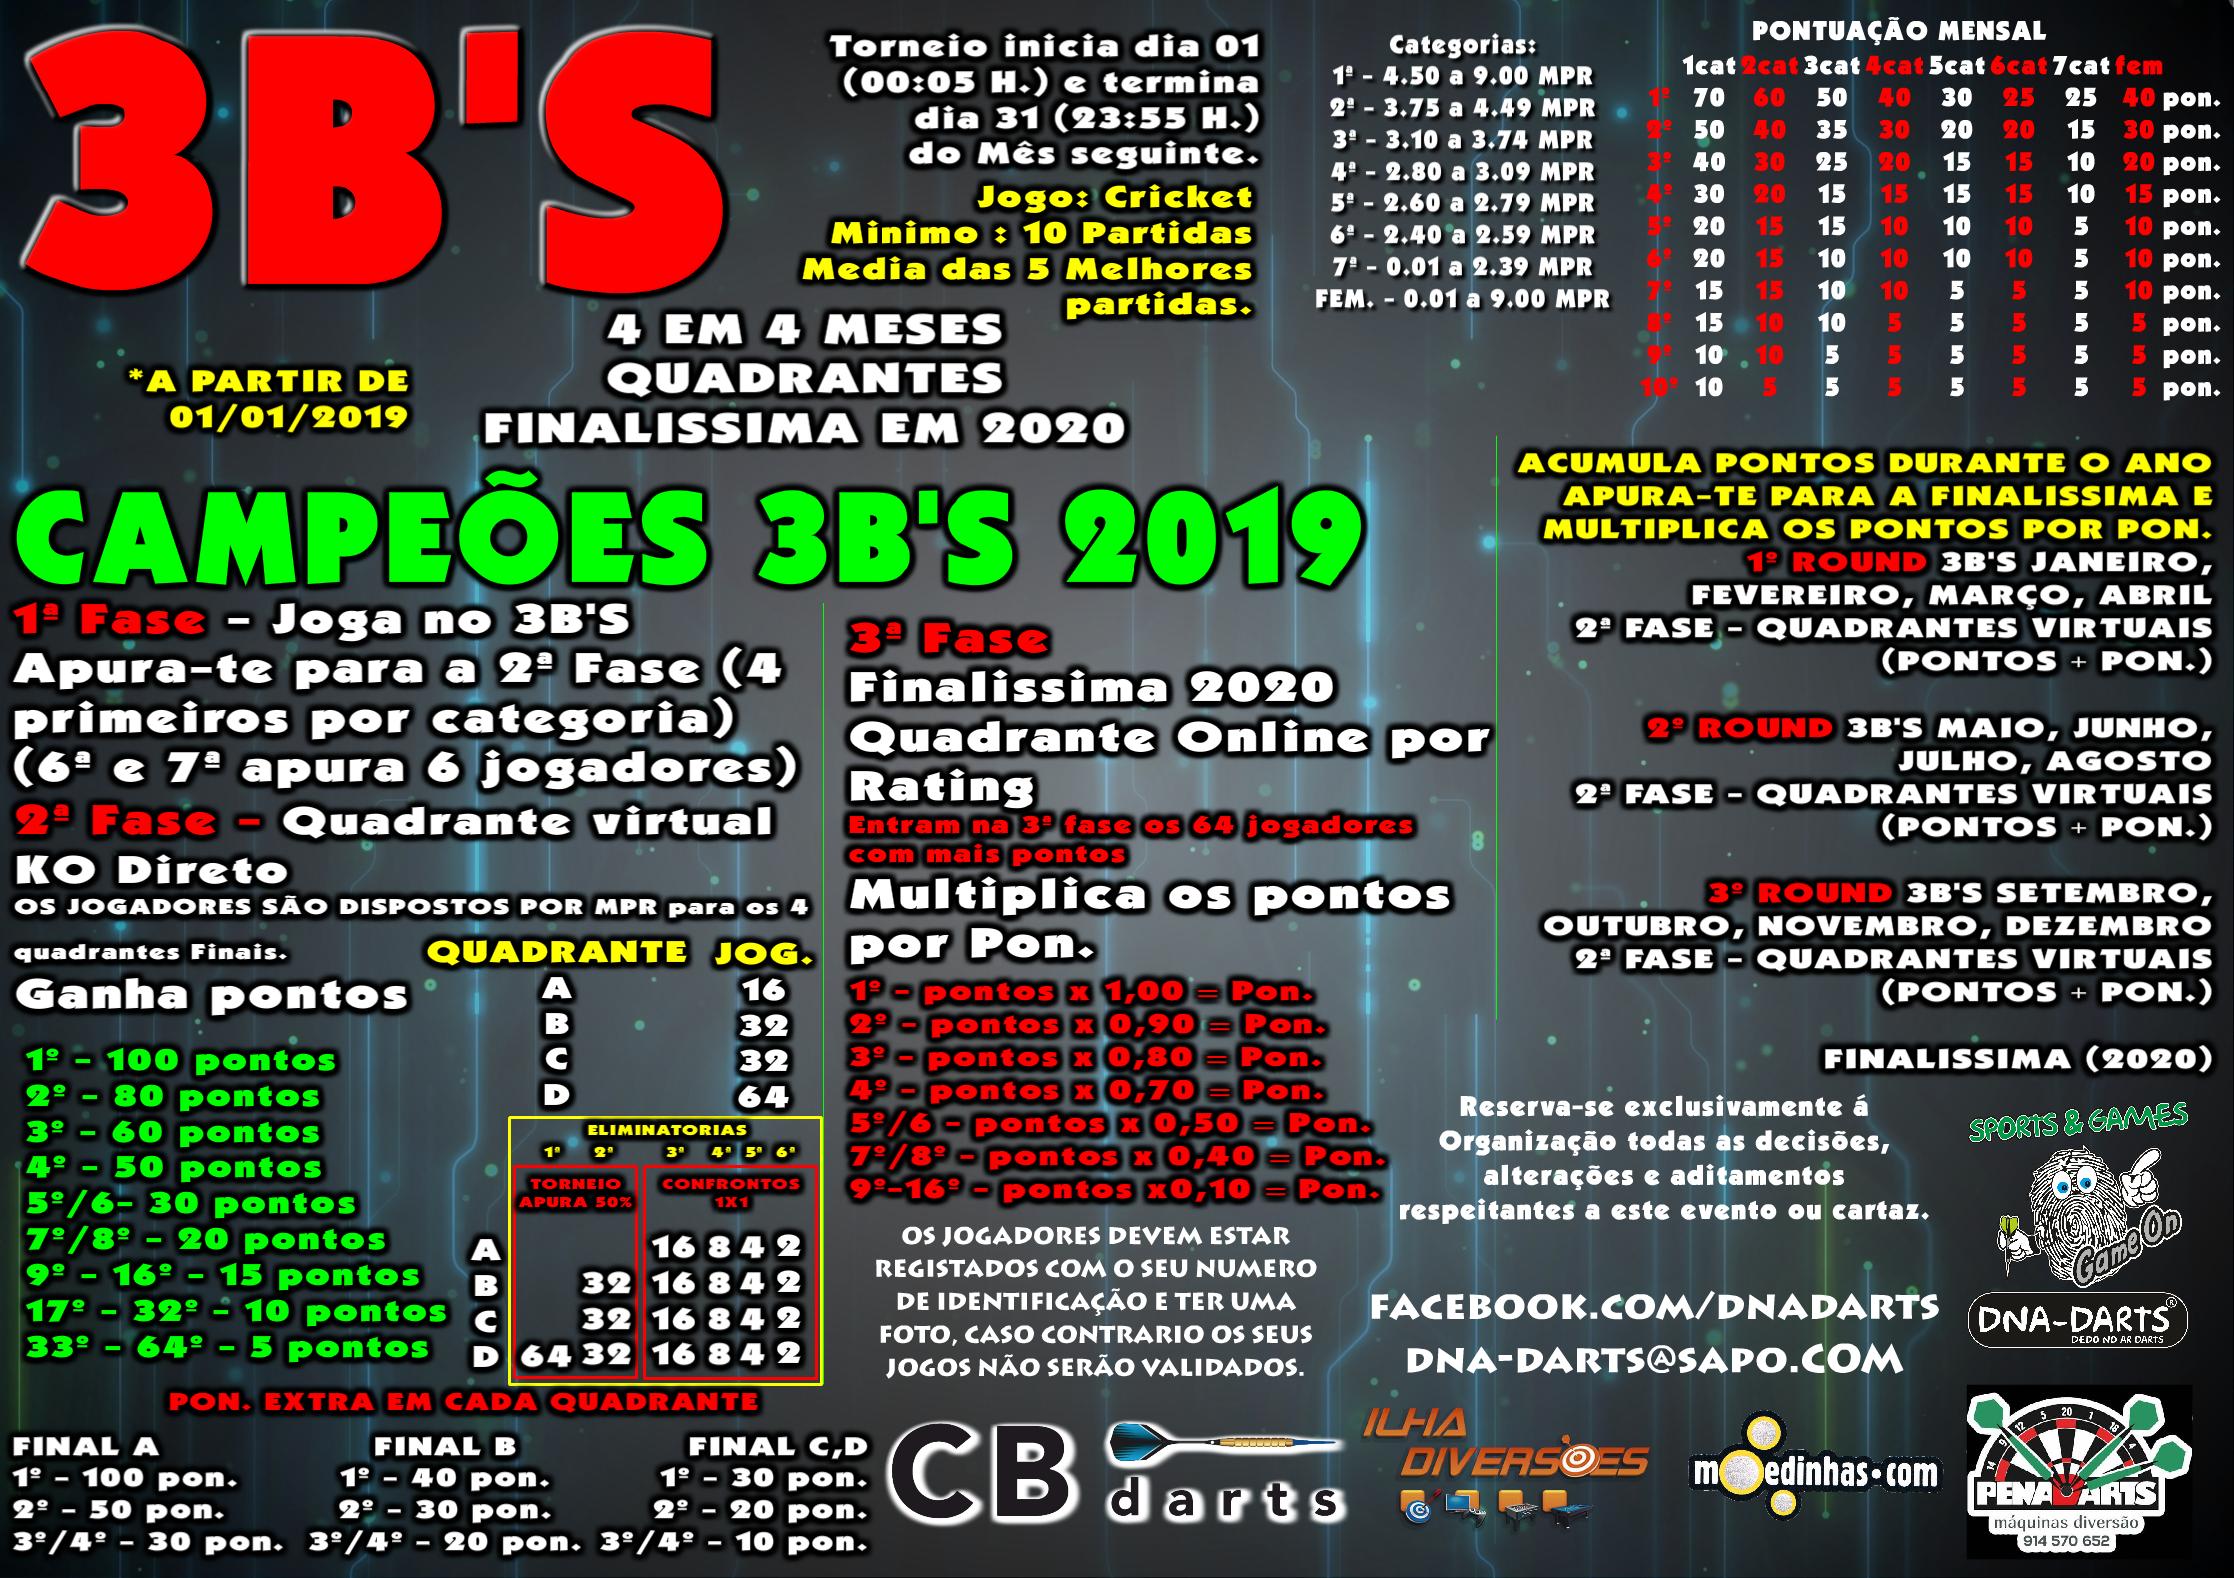 3B'S 2019